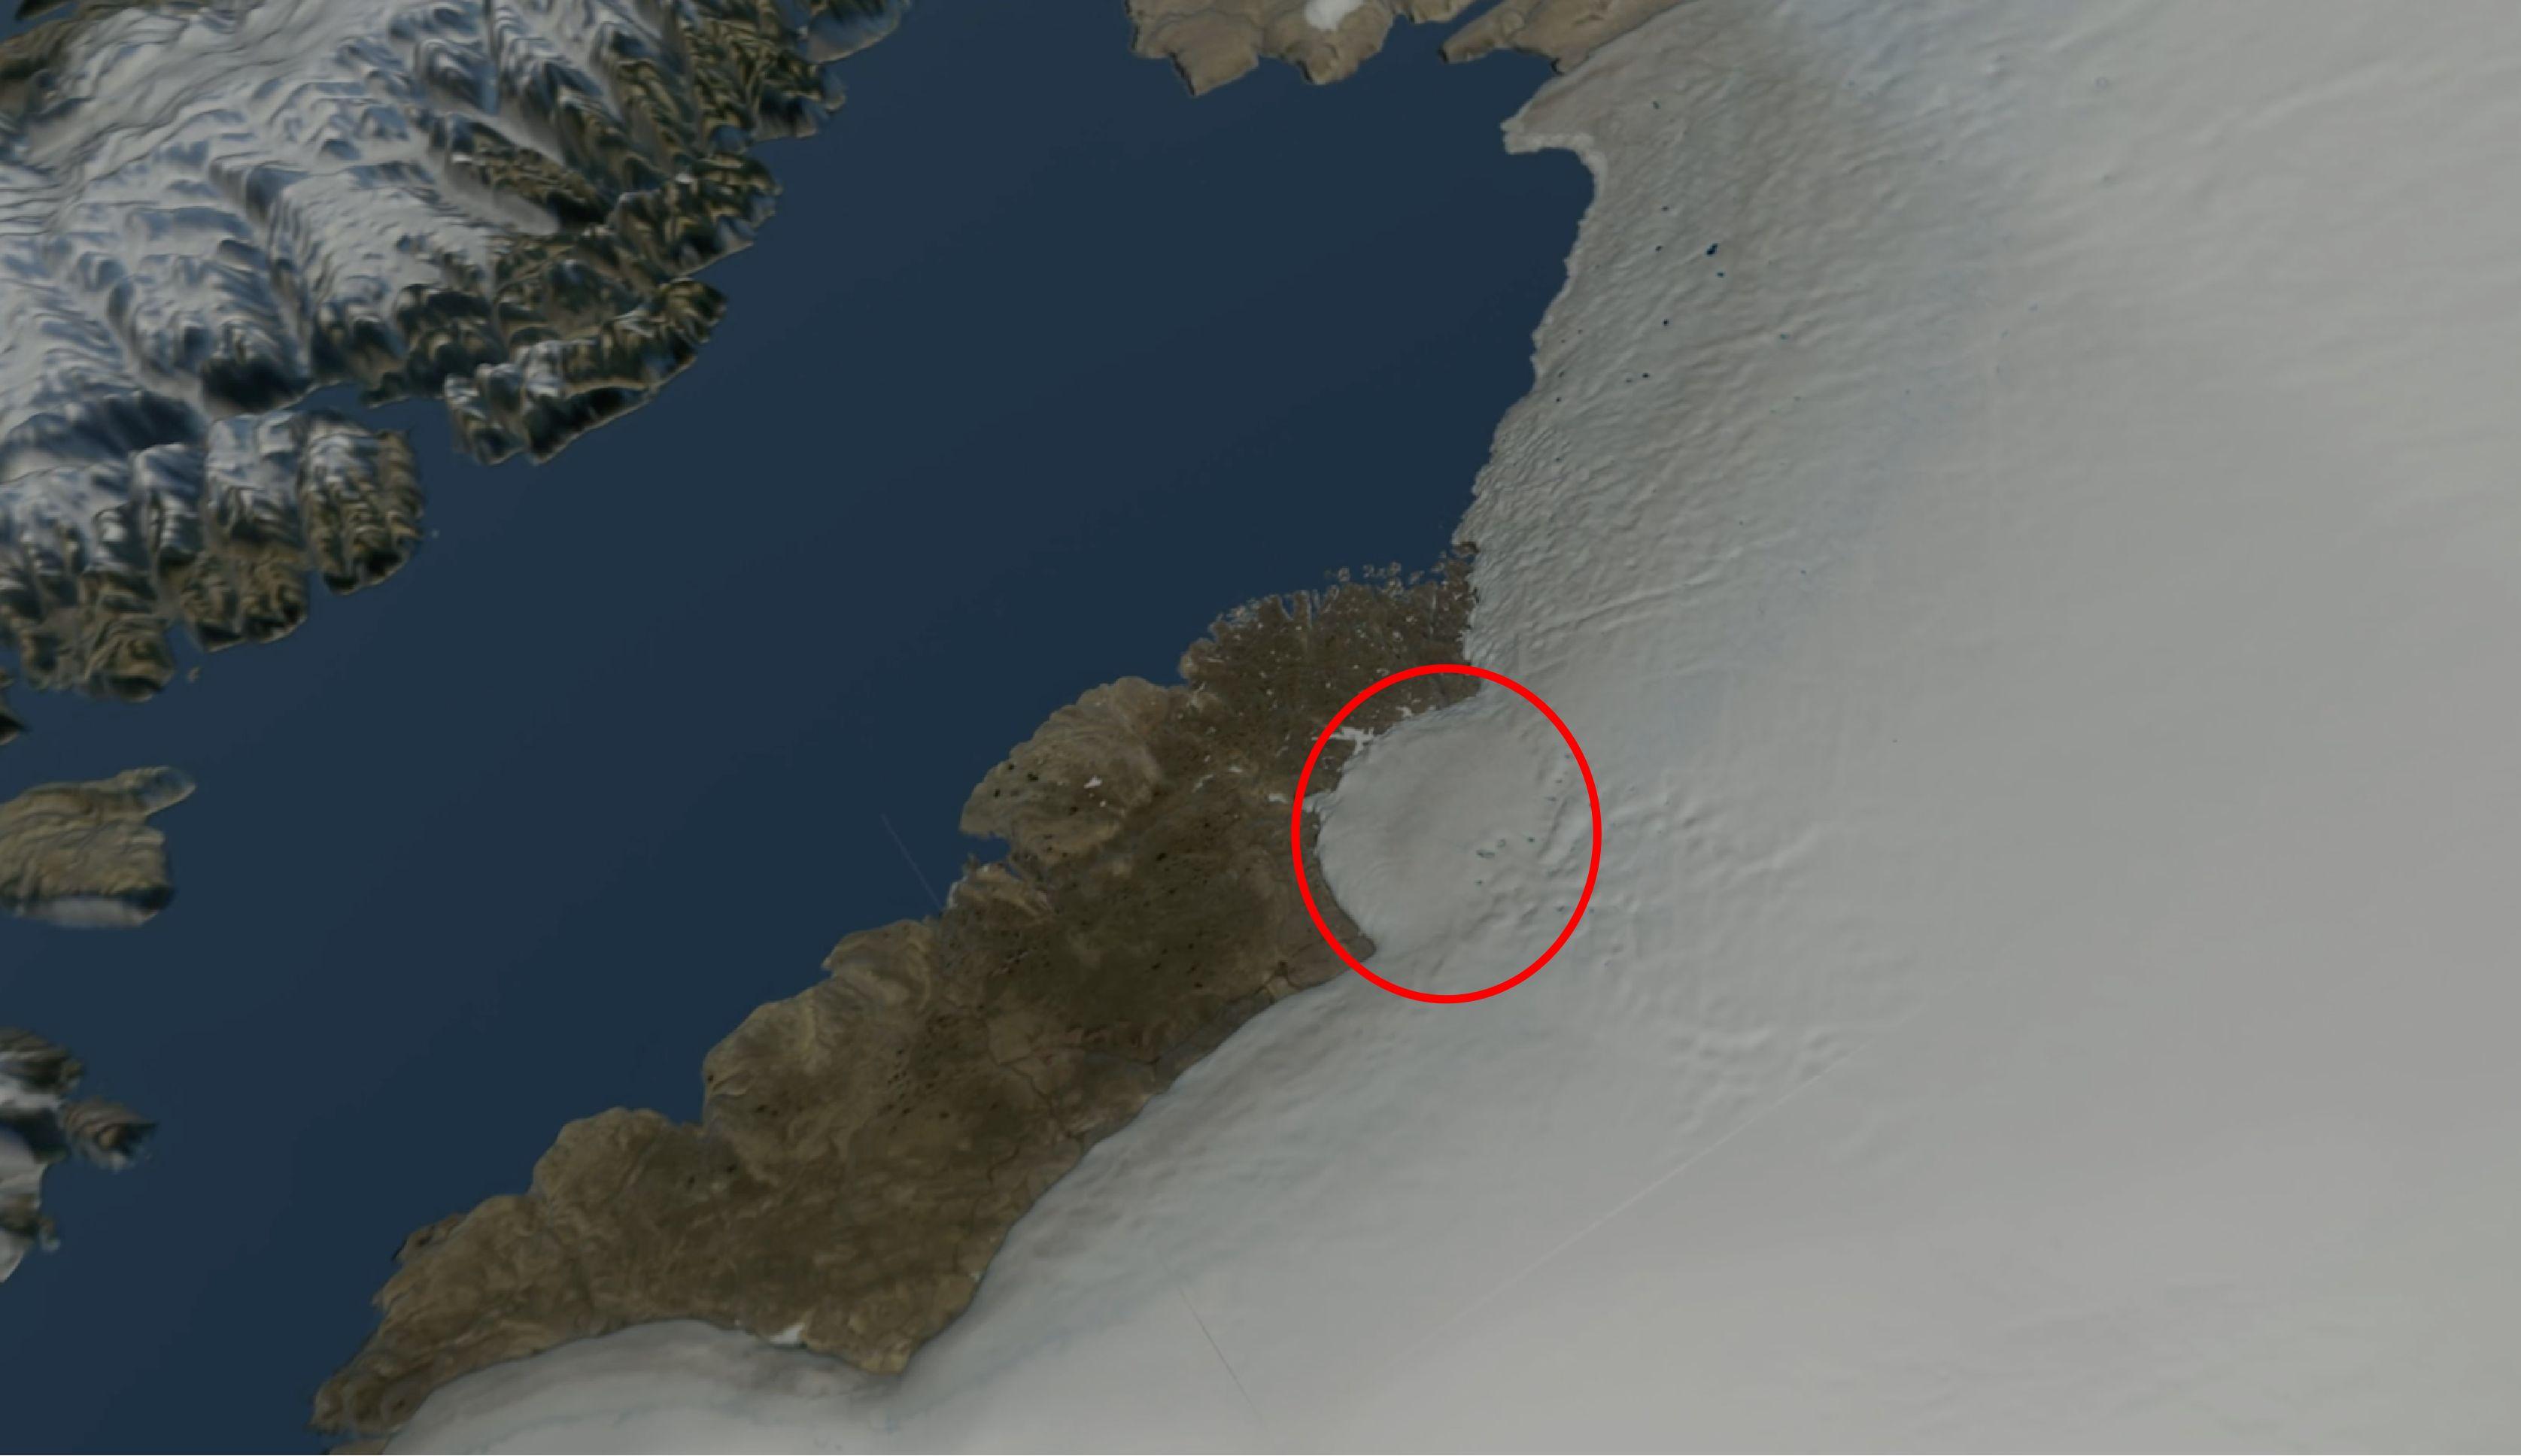 Μυστήριο με τεράστιο κρατήρα μετεωρίτη που ανακαλύφθηκε κάτω από τόνους πάγου στη